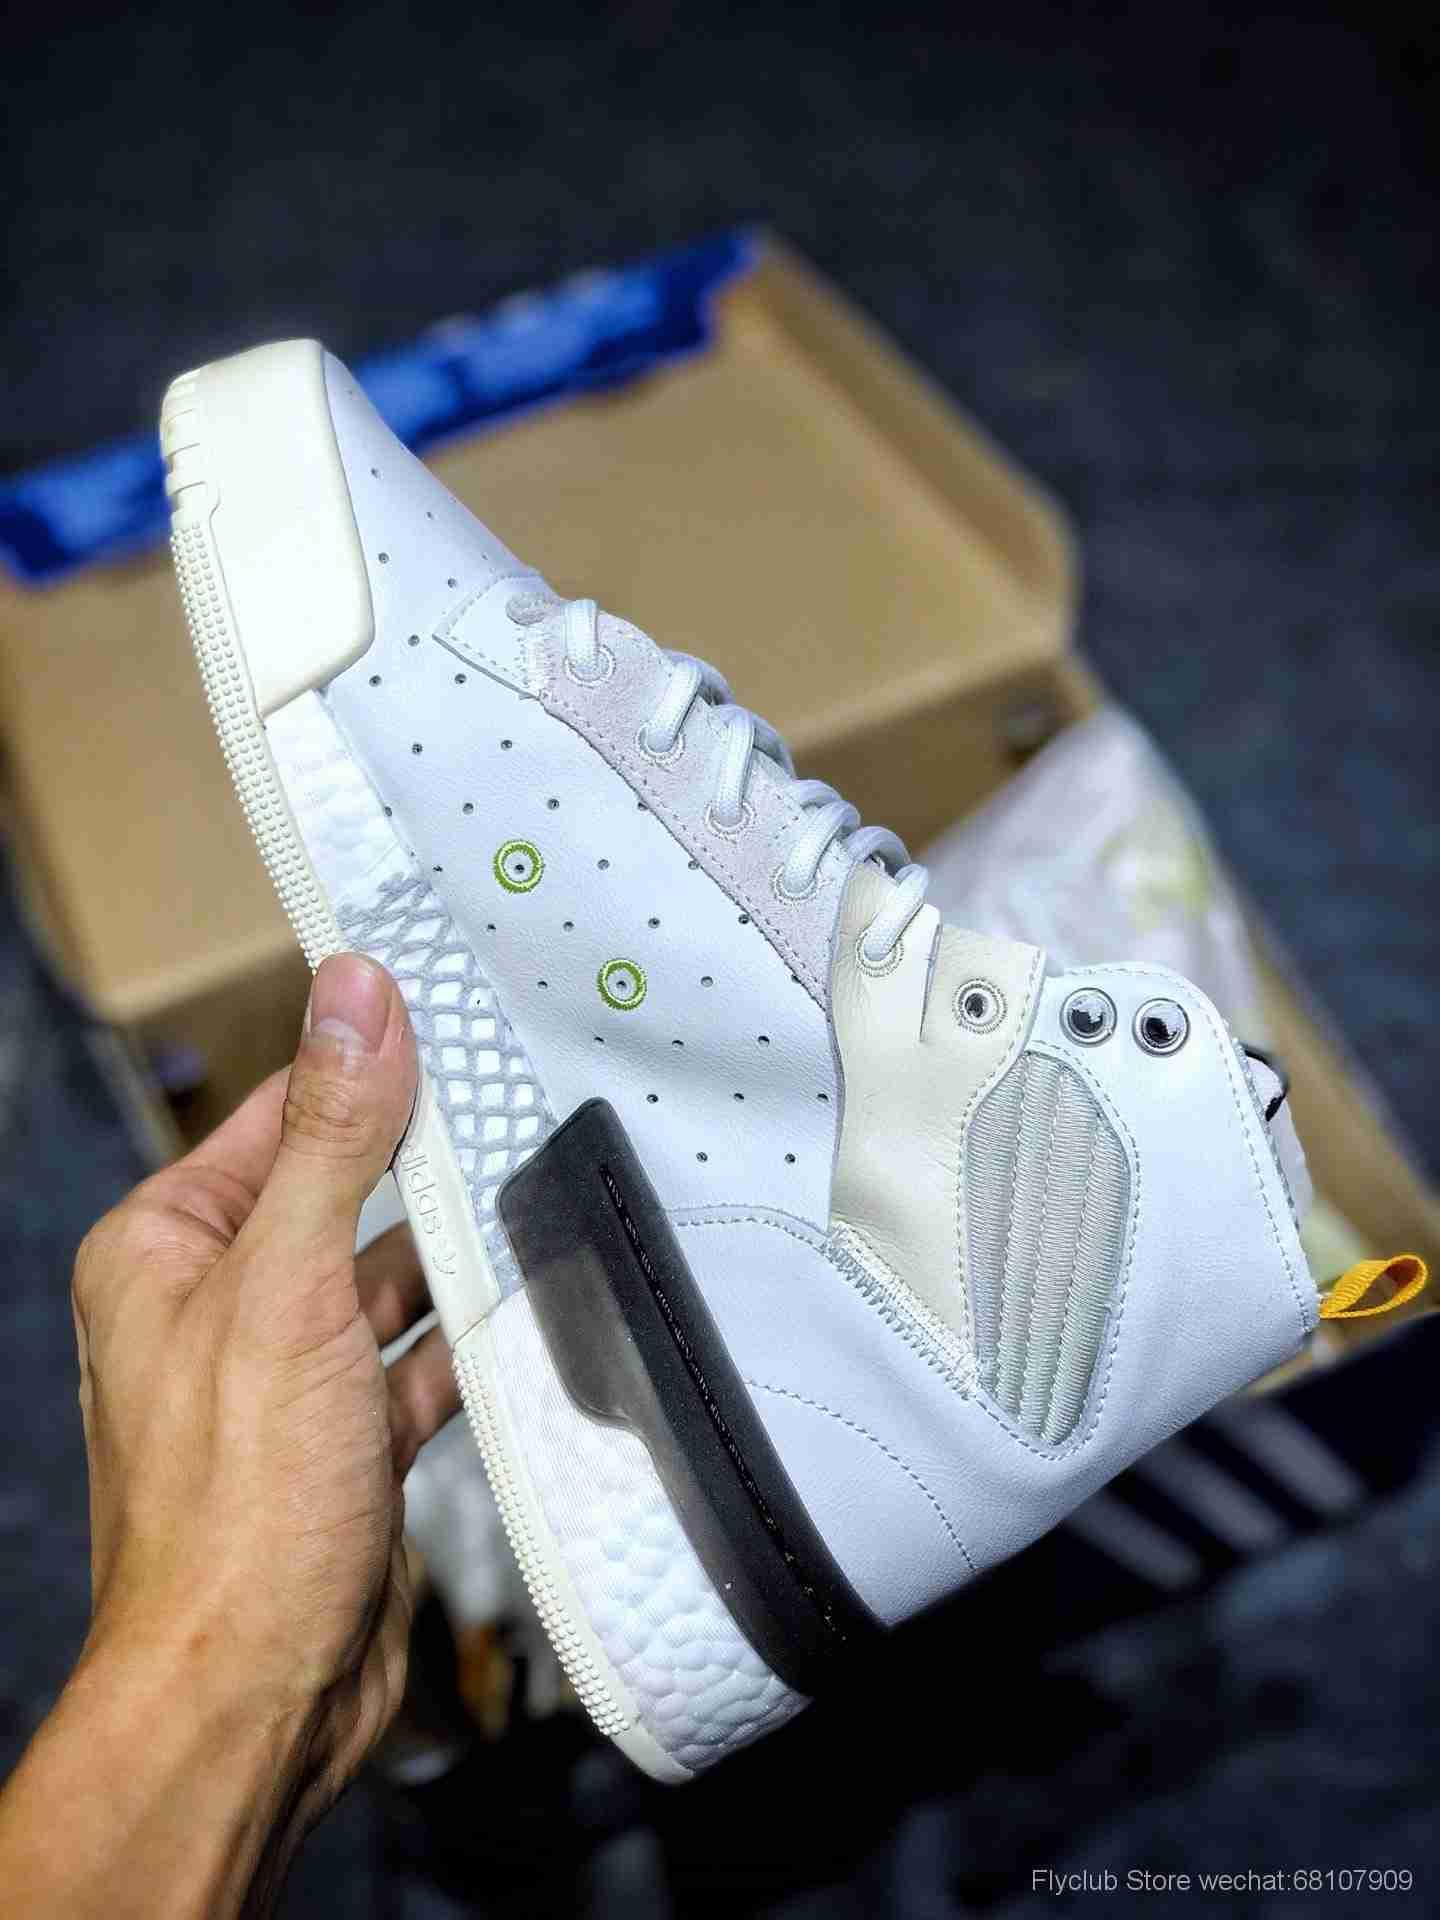 三叶草 Adidas Rivalry RM 高帮板鞋减震效果  脚感超级舒适 EG4523